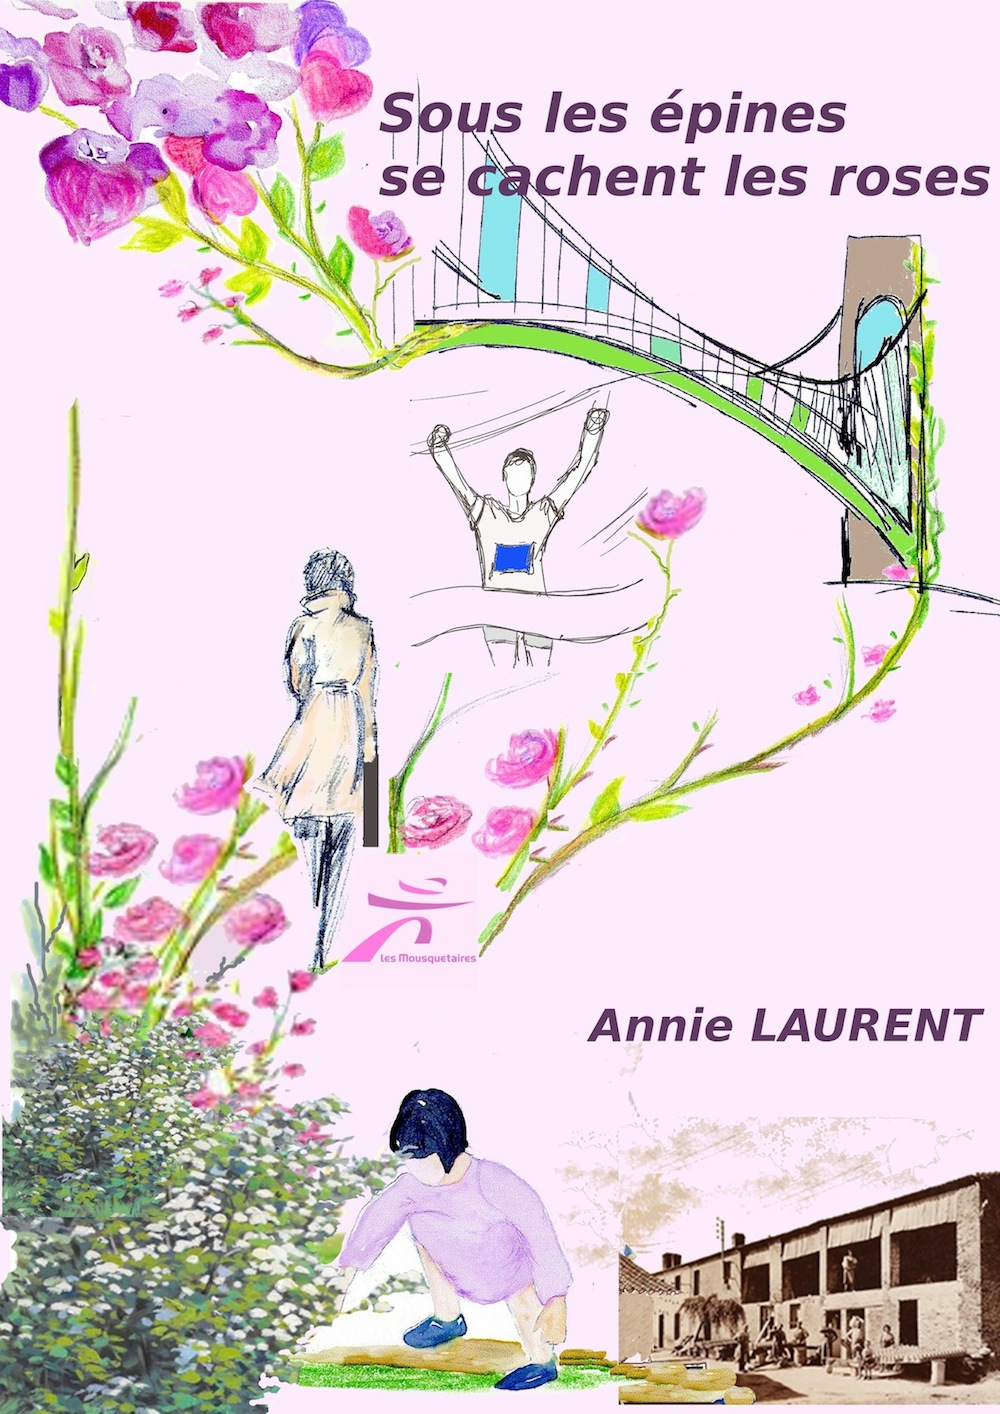 Dessins roses, épines, pont